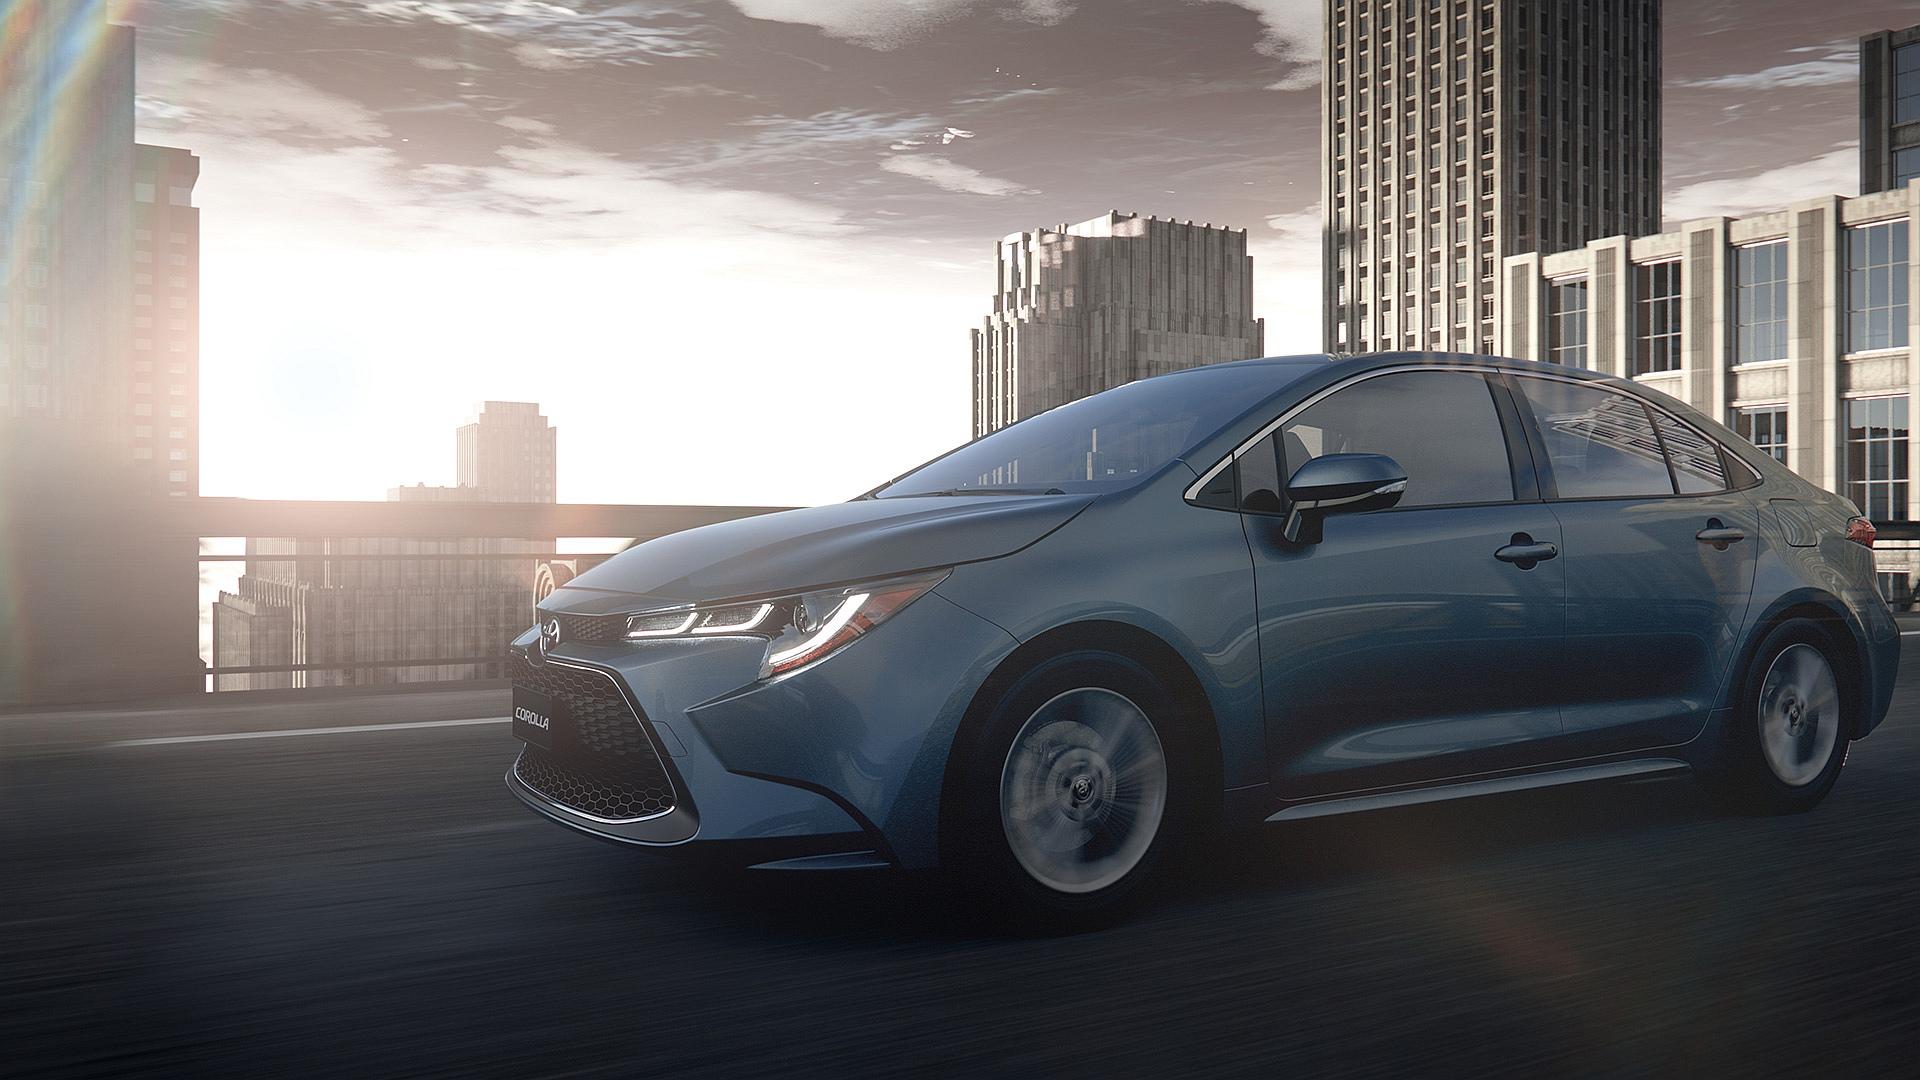 Nowa Toyota Corolla 2019 Z Napedami Hybrydowymi I Silnikiem